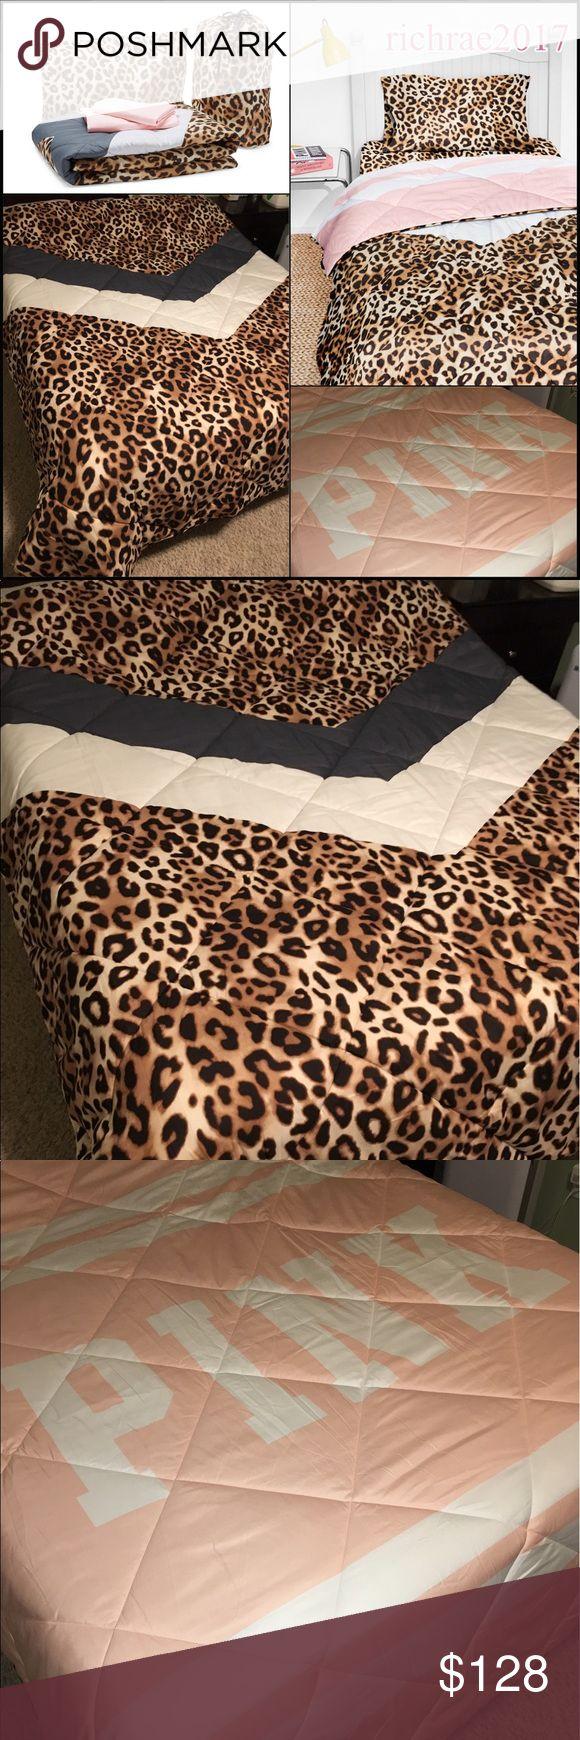 Vs pink bed sets - Nwt Victoria Secret Bed Set Full Queen Nwt